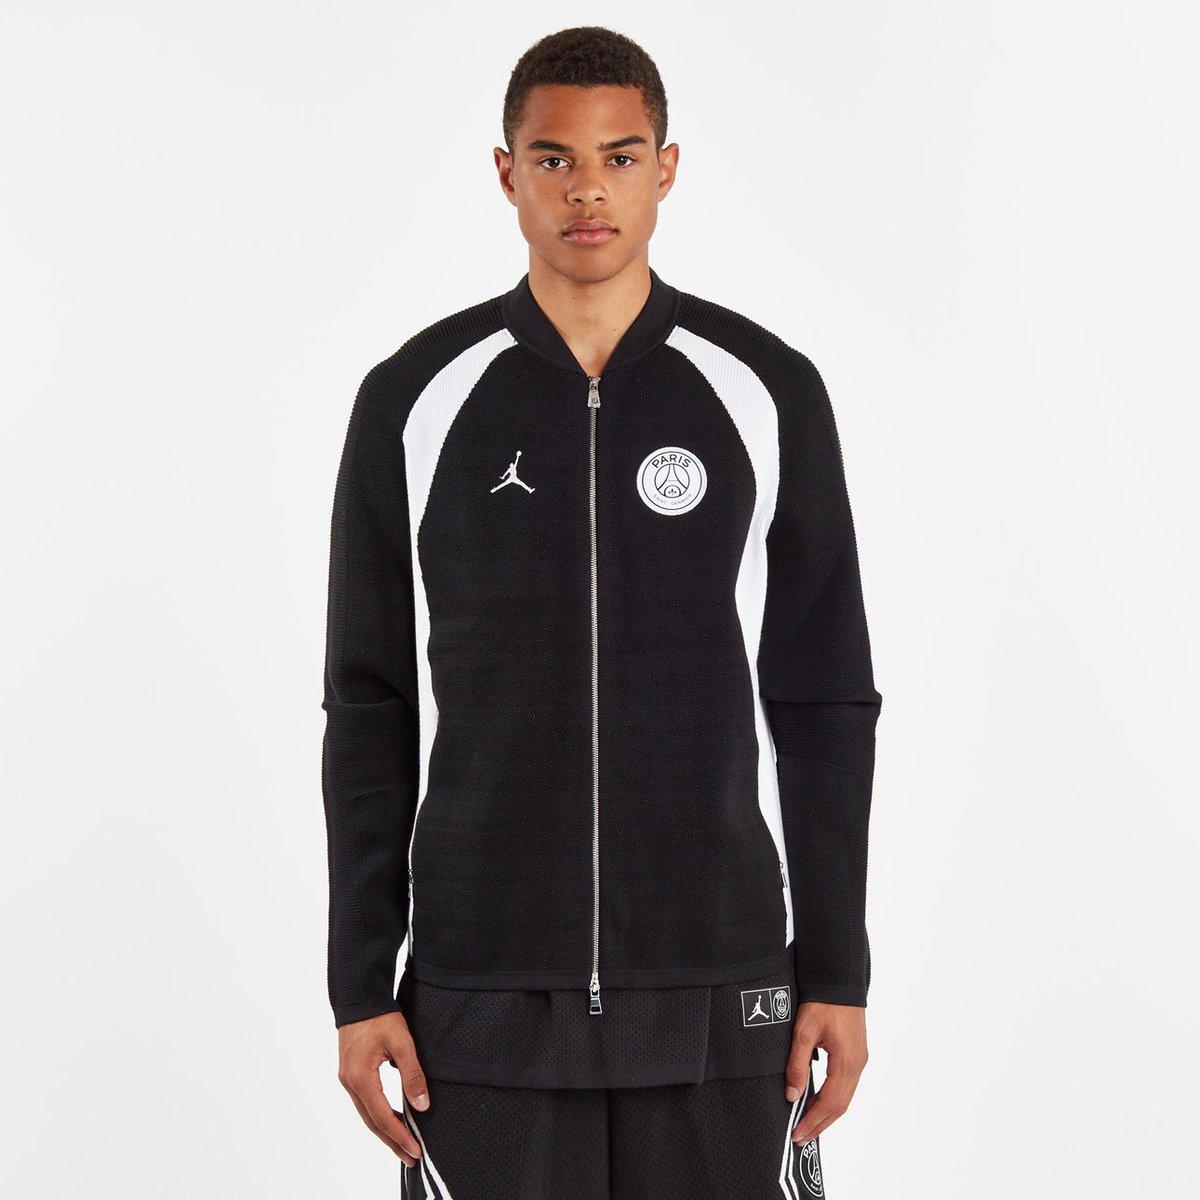 new style d8634 acc78  RESTOCK PSG x Jordan Flight Knit Full Zip Jacket    http   bit.ly 2N8dSF3  pic.twitter.com Nw03ajDust